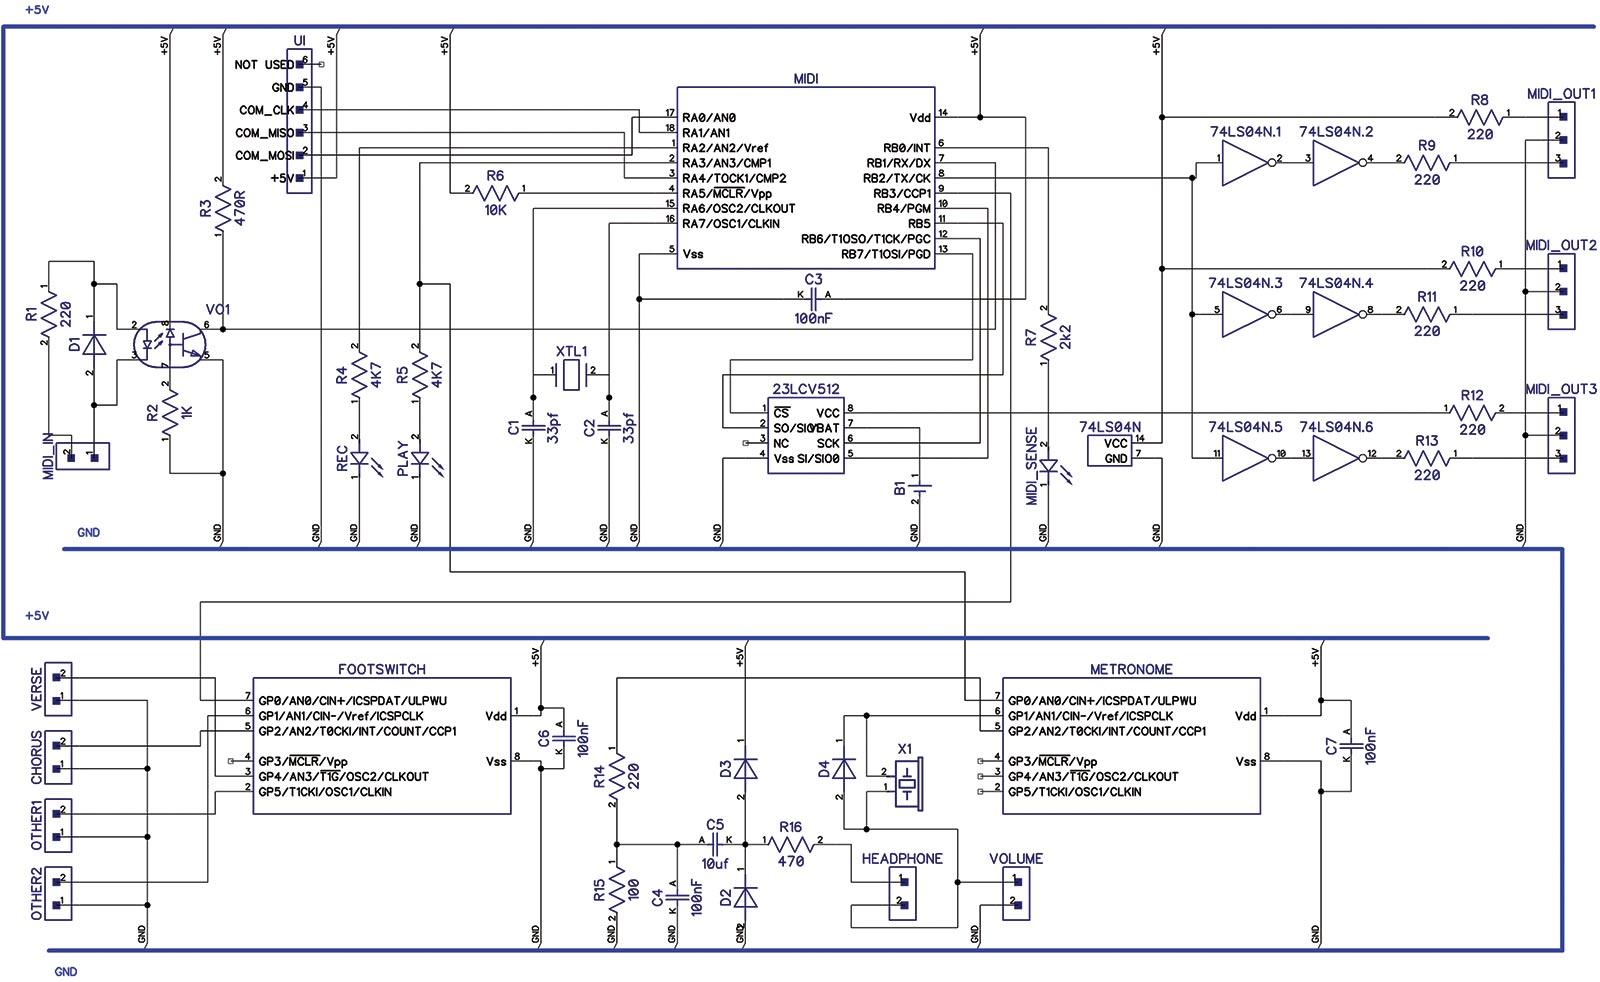 FSC DM74LS04N SN74LS04N 74LS04 HEX Inverter DIP-14 x 10pcs